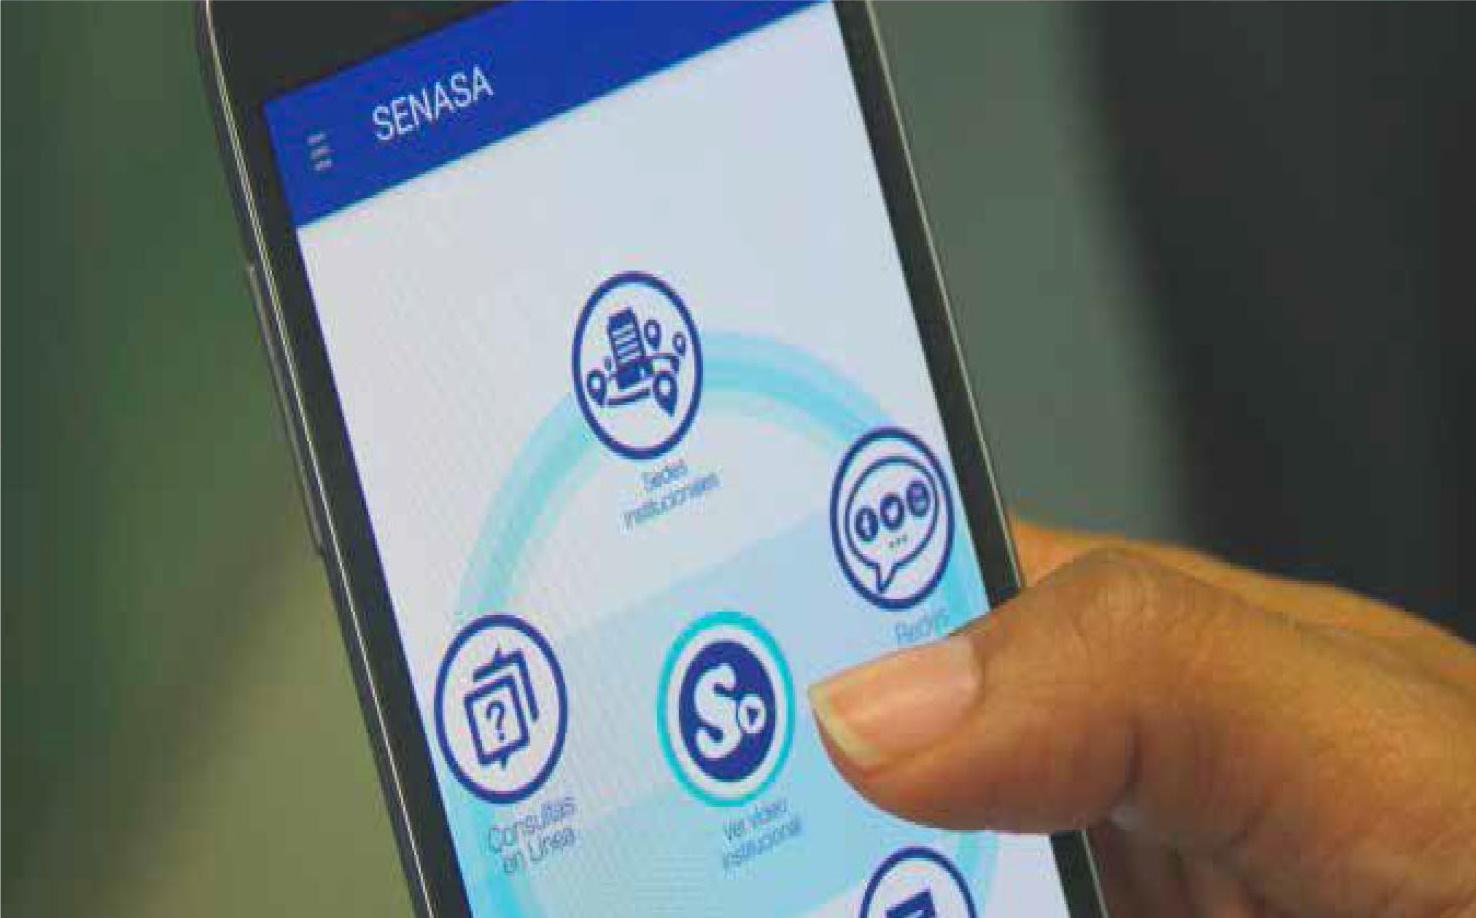 Ya se puede descargar aplicación del Senasa para reportar enfermedades y plagas agrícolas